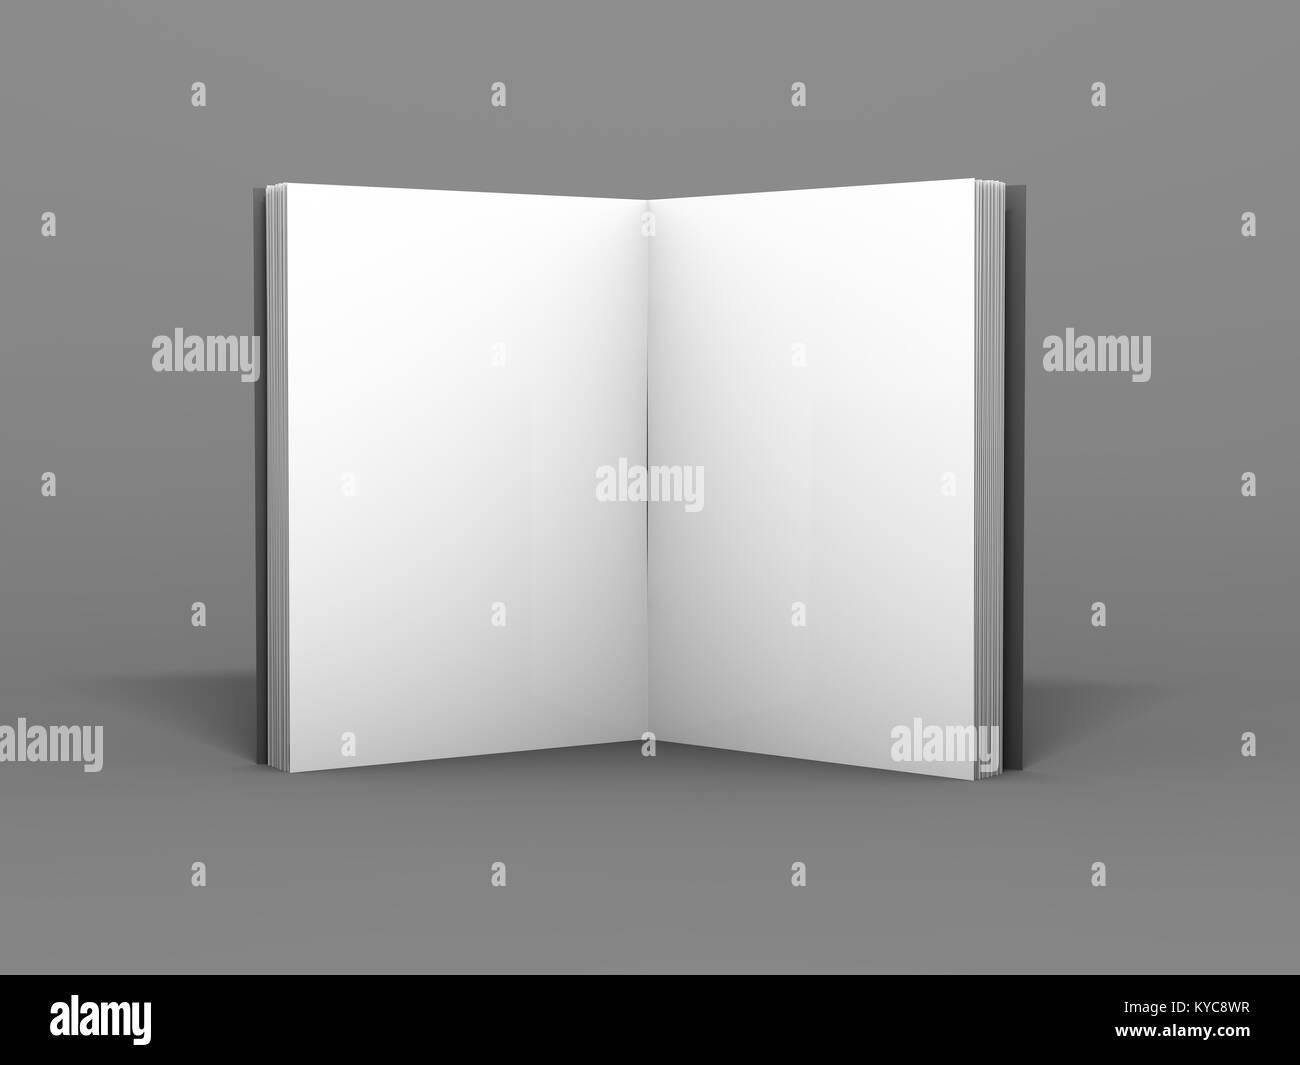 Großzügig Lesezeichenvorlage Psd Bilder - Beispielzusammenfassung ...